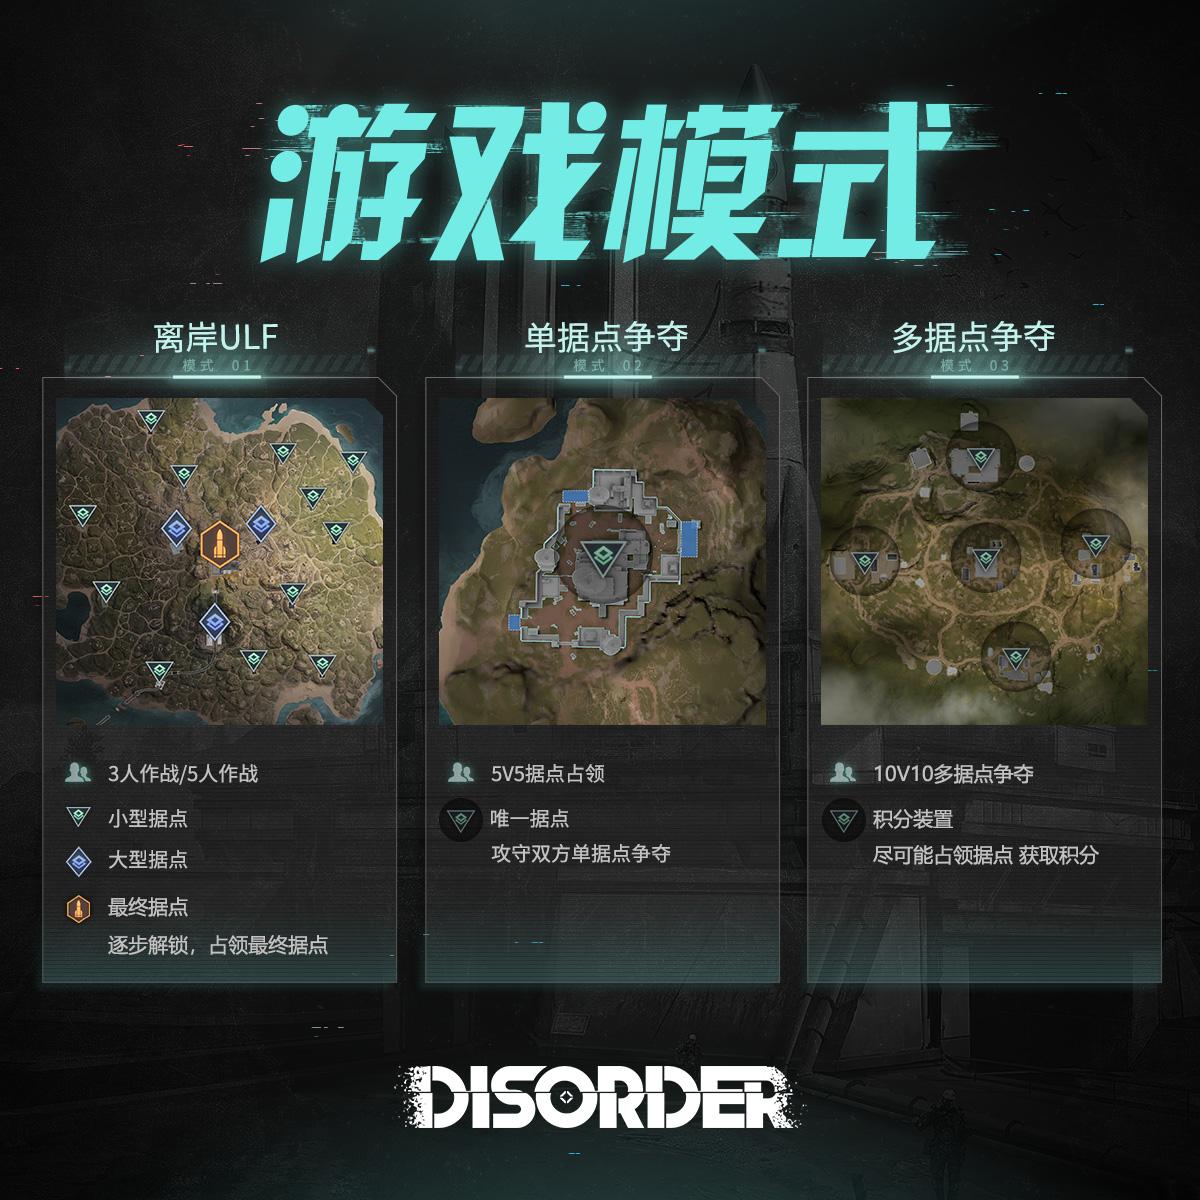 《Disorder》手游11月29日测试再启,你想知道的都在这里!